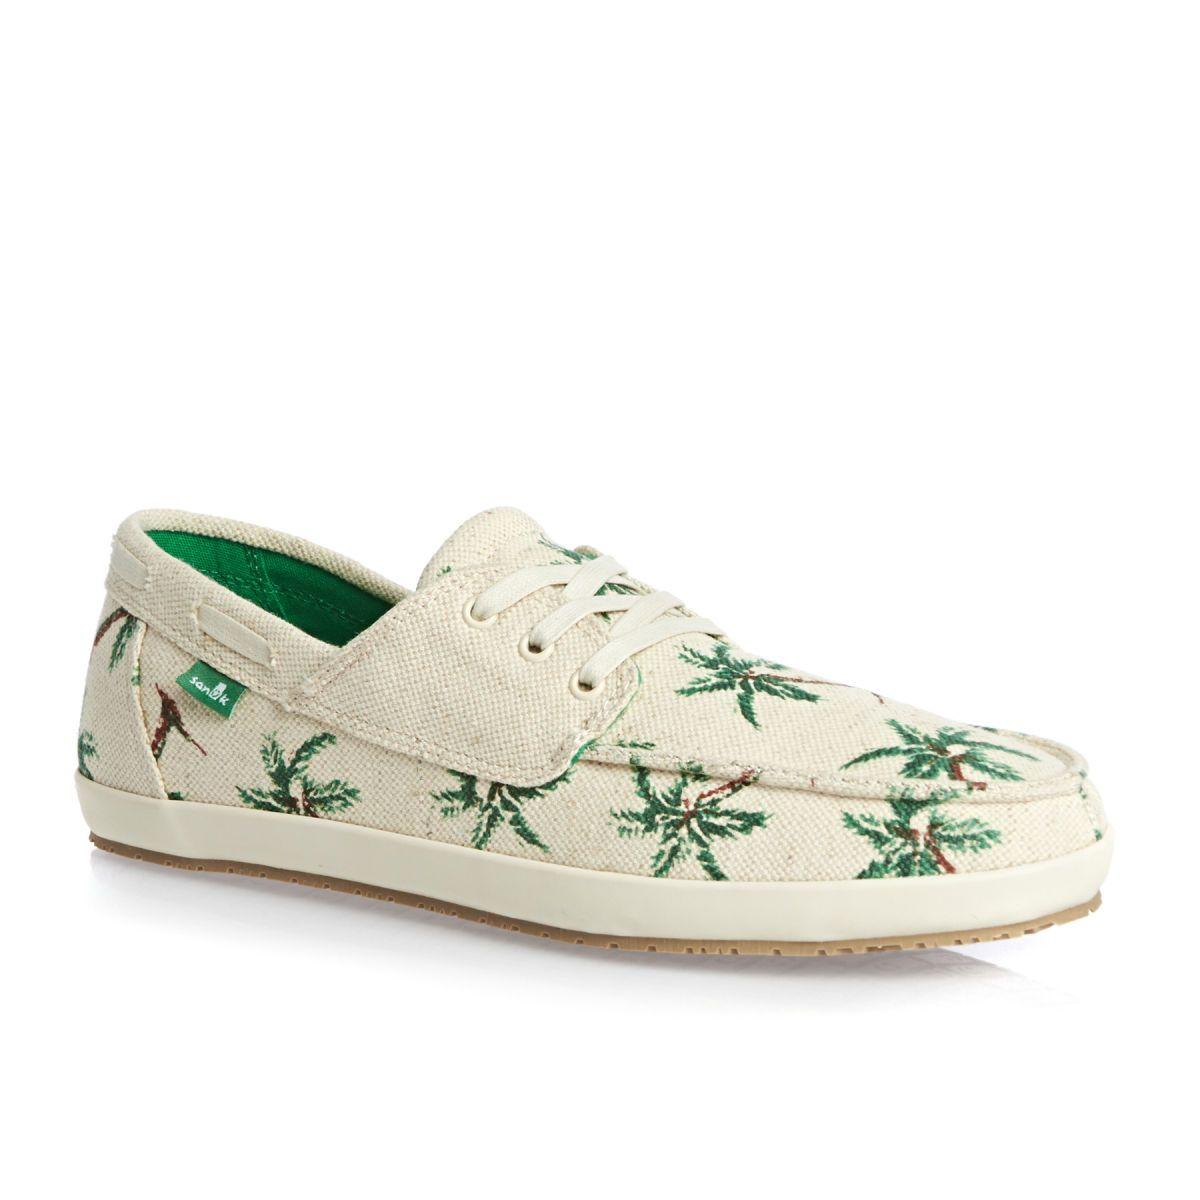 Zapatos naranjas Sanuk para mujer NWtfZ7DK